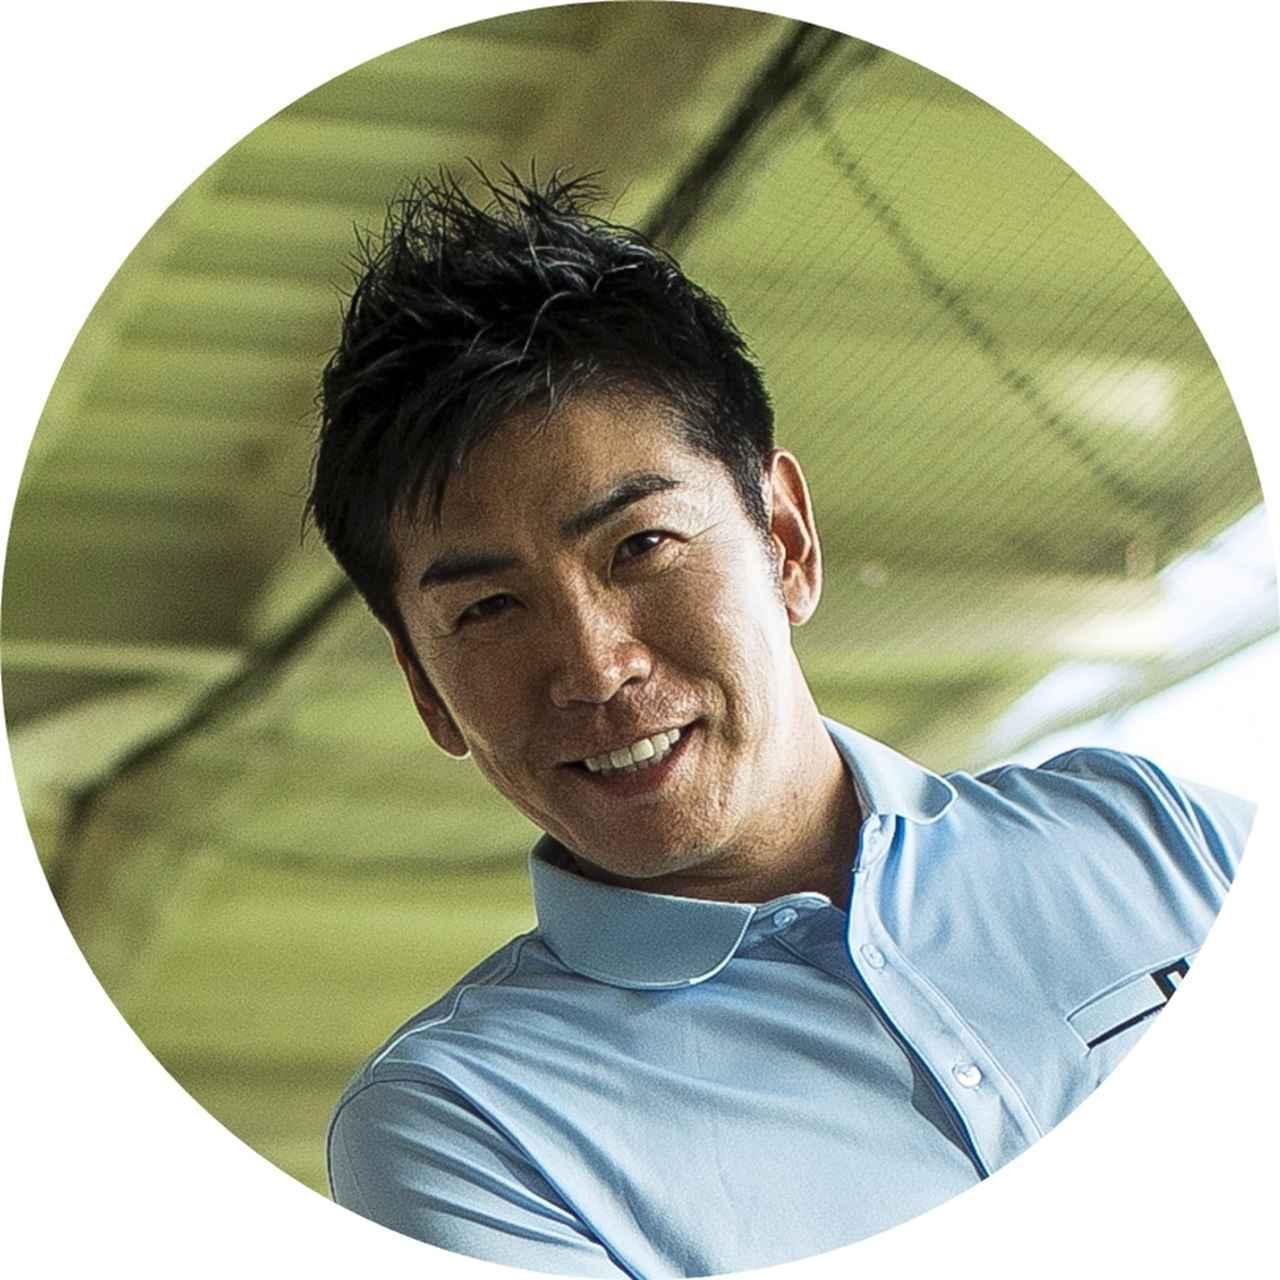 画像: 【聞いた人】吉田洋一郎プロ よしだひろいちろう.。39歳。週刊GD連載「反力打法」でお馴染み。世界の名だたるコーチを訪ね、直接吸収し、プロ・アマへのレッスンも行う